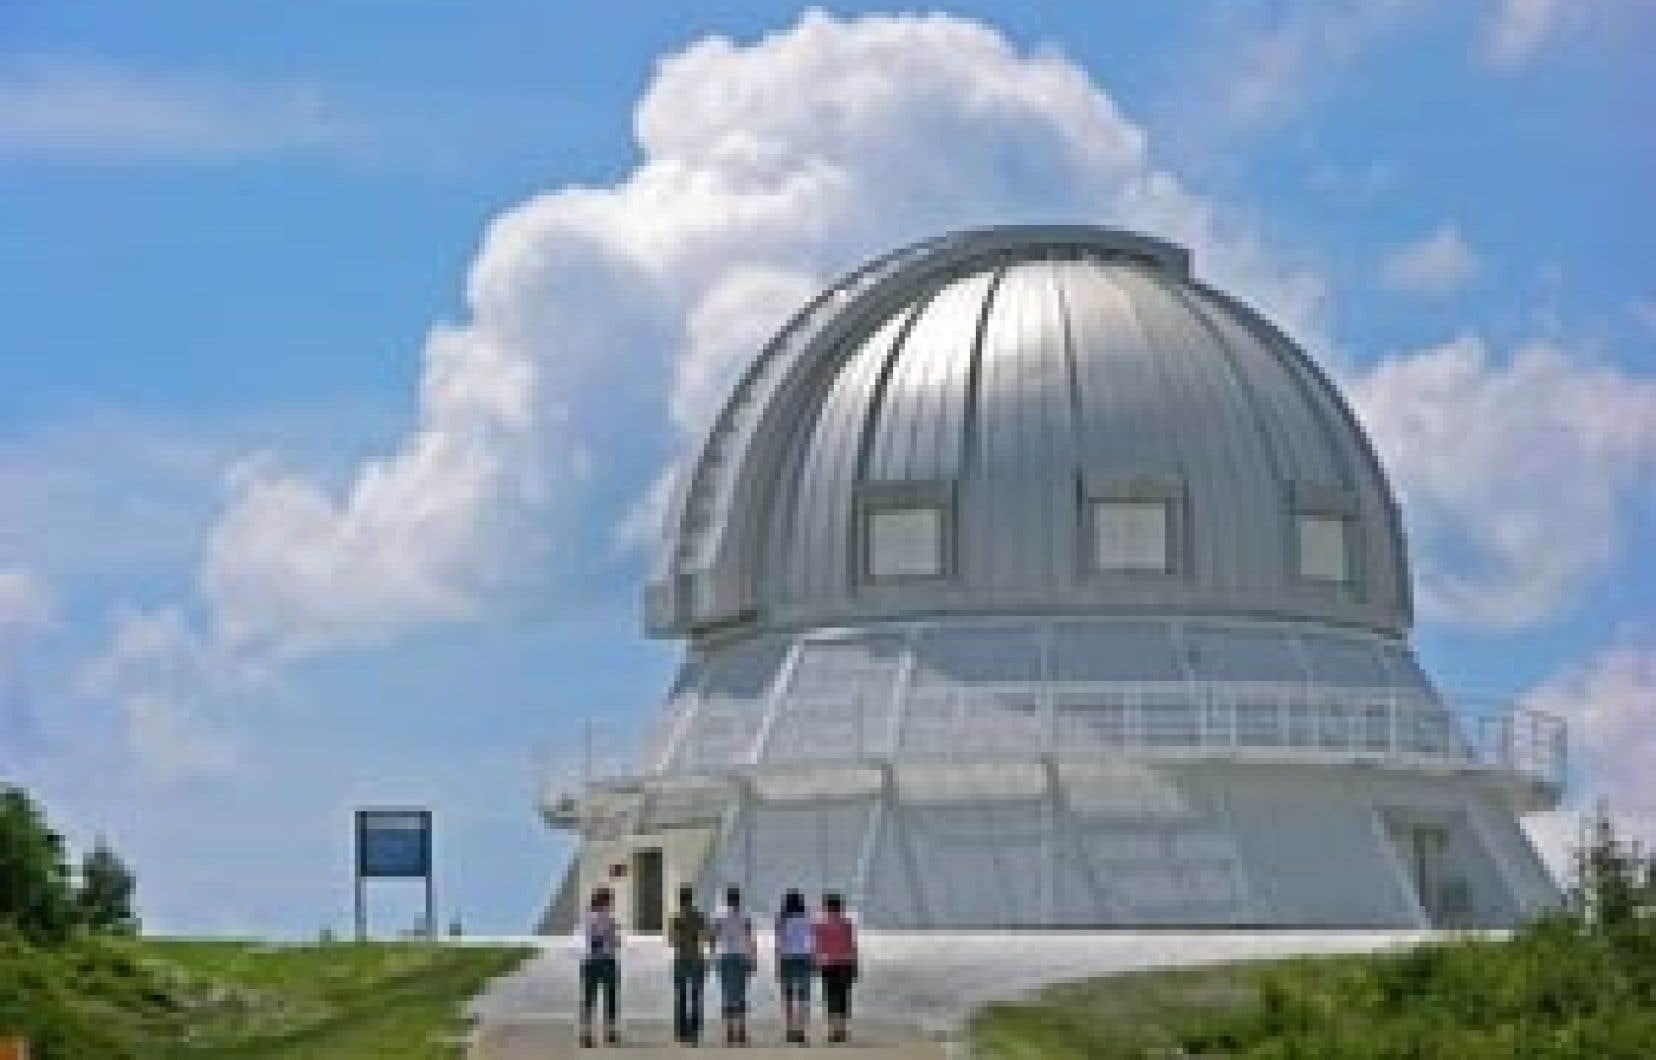 Muni d'un télescope équipé d'un miroir de 1,60 m de diamètre, l'Observatoire du Mont-Mégantic est le plus important observatoire astronomique de l'est de l'Amérique du Nord.